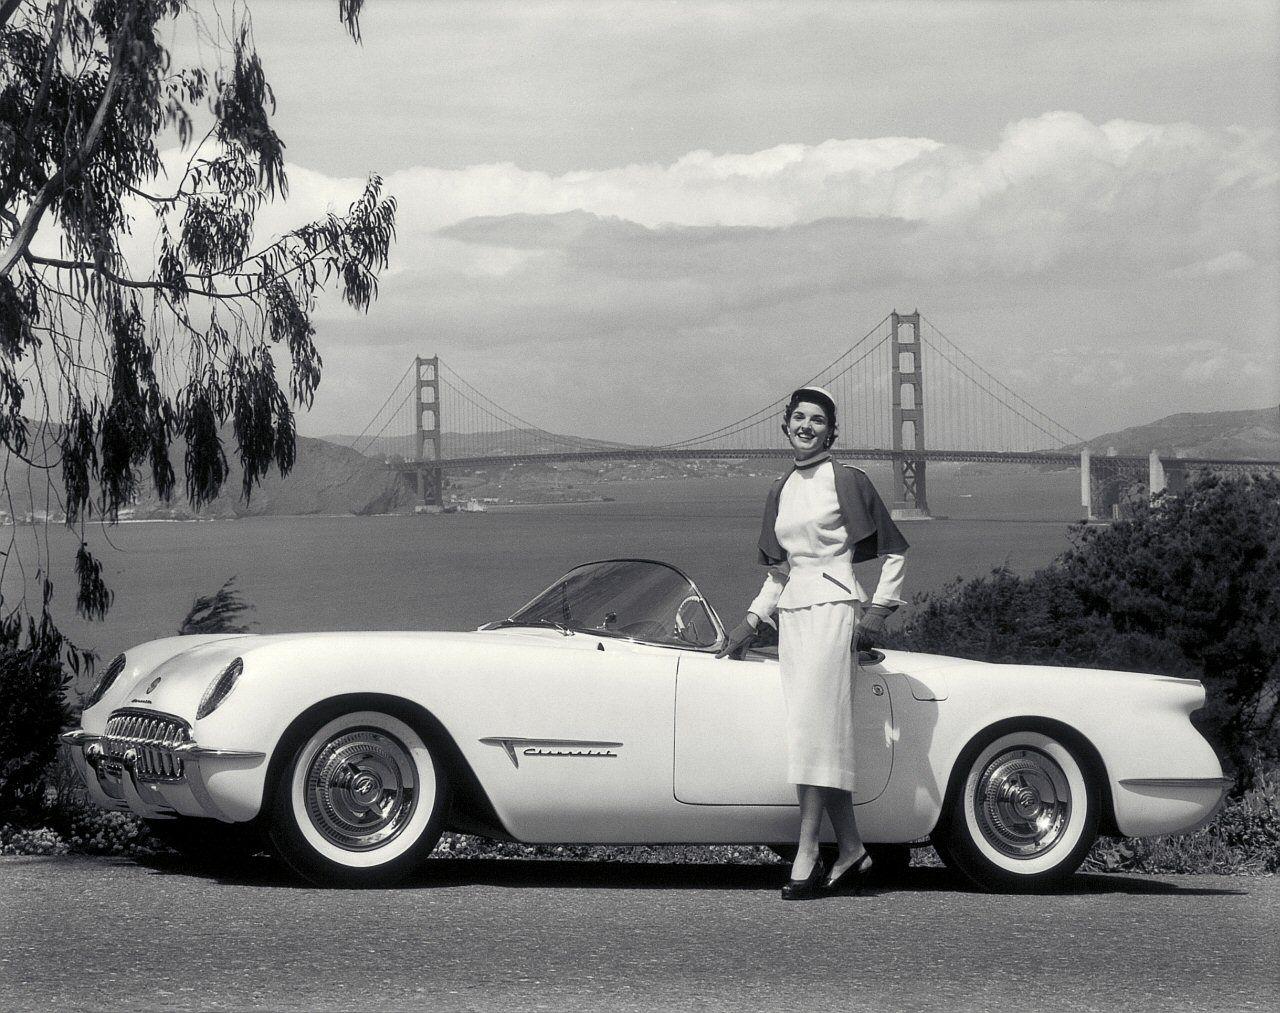 Corvette here in the Bay Area